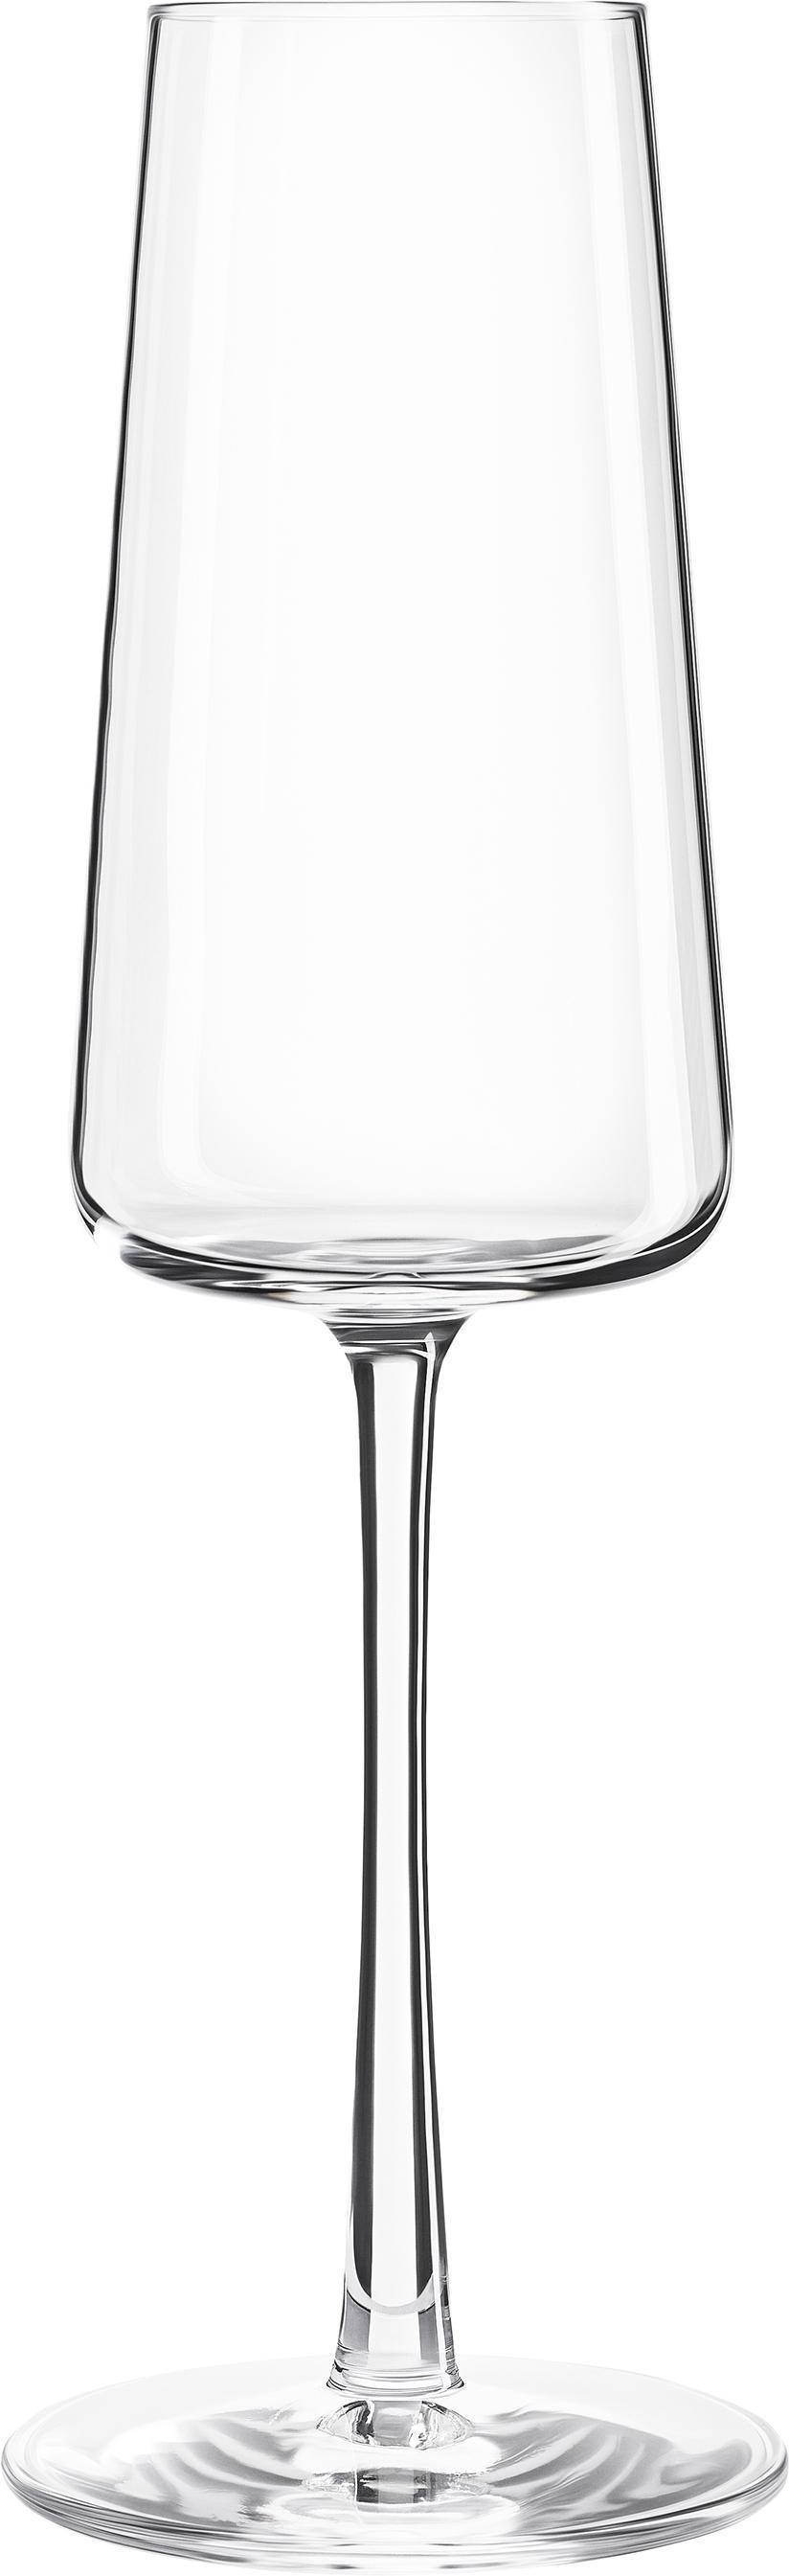 Kryształowy kieliszek do szampana Power, 6 szt., Szkło kryształowe, Transparentny, Ø 7 x W 23 cm